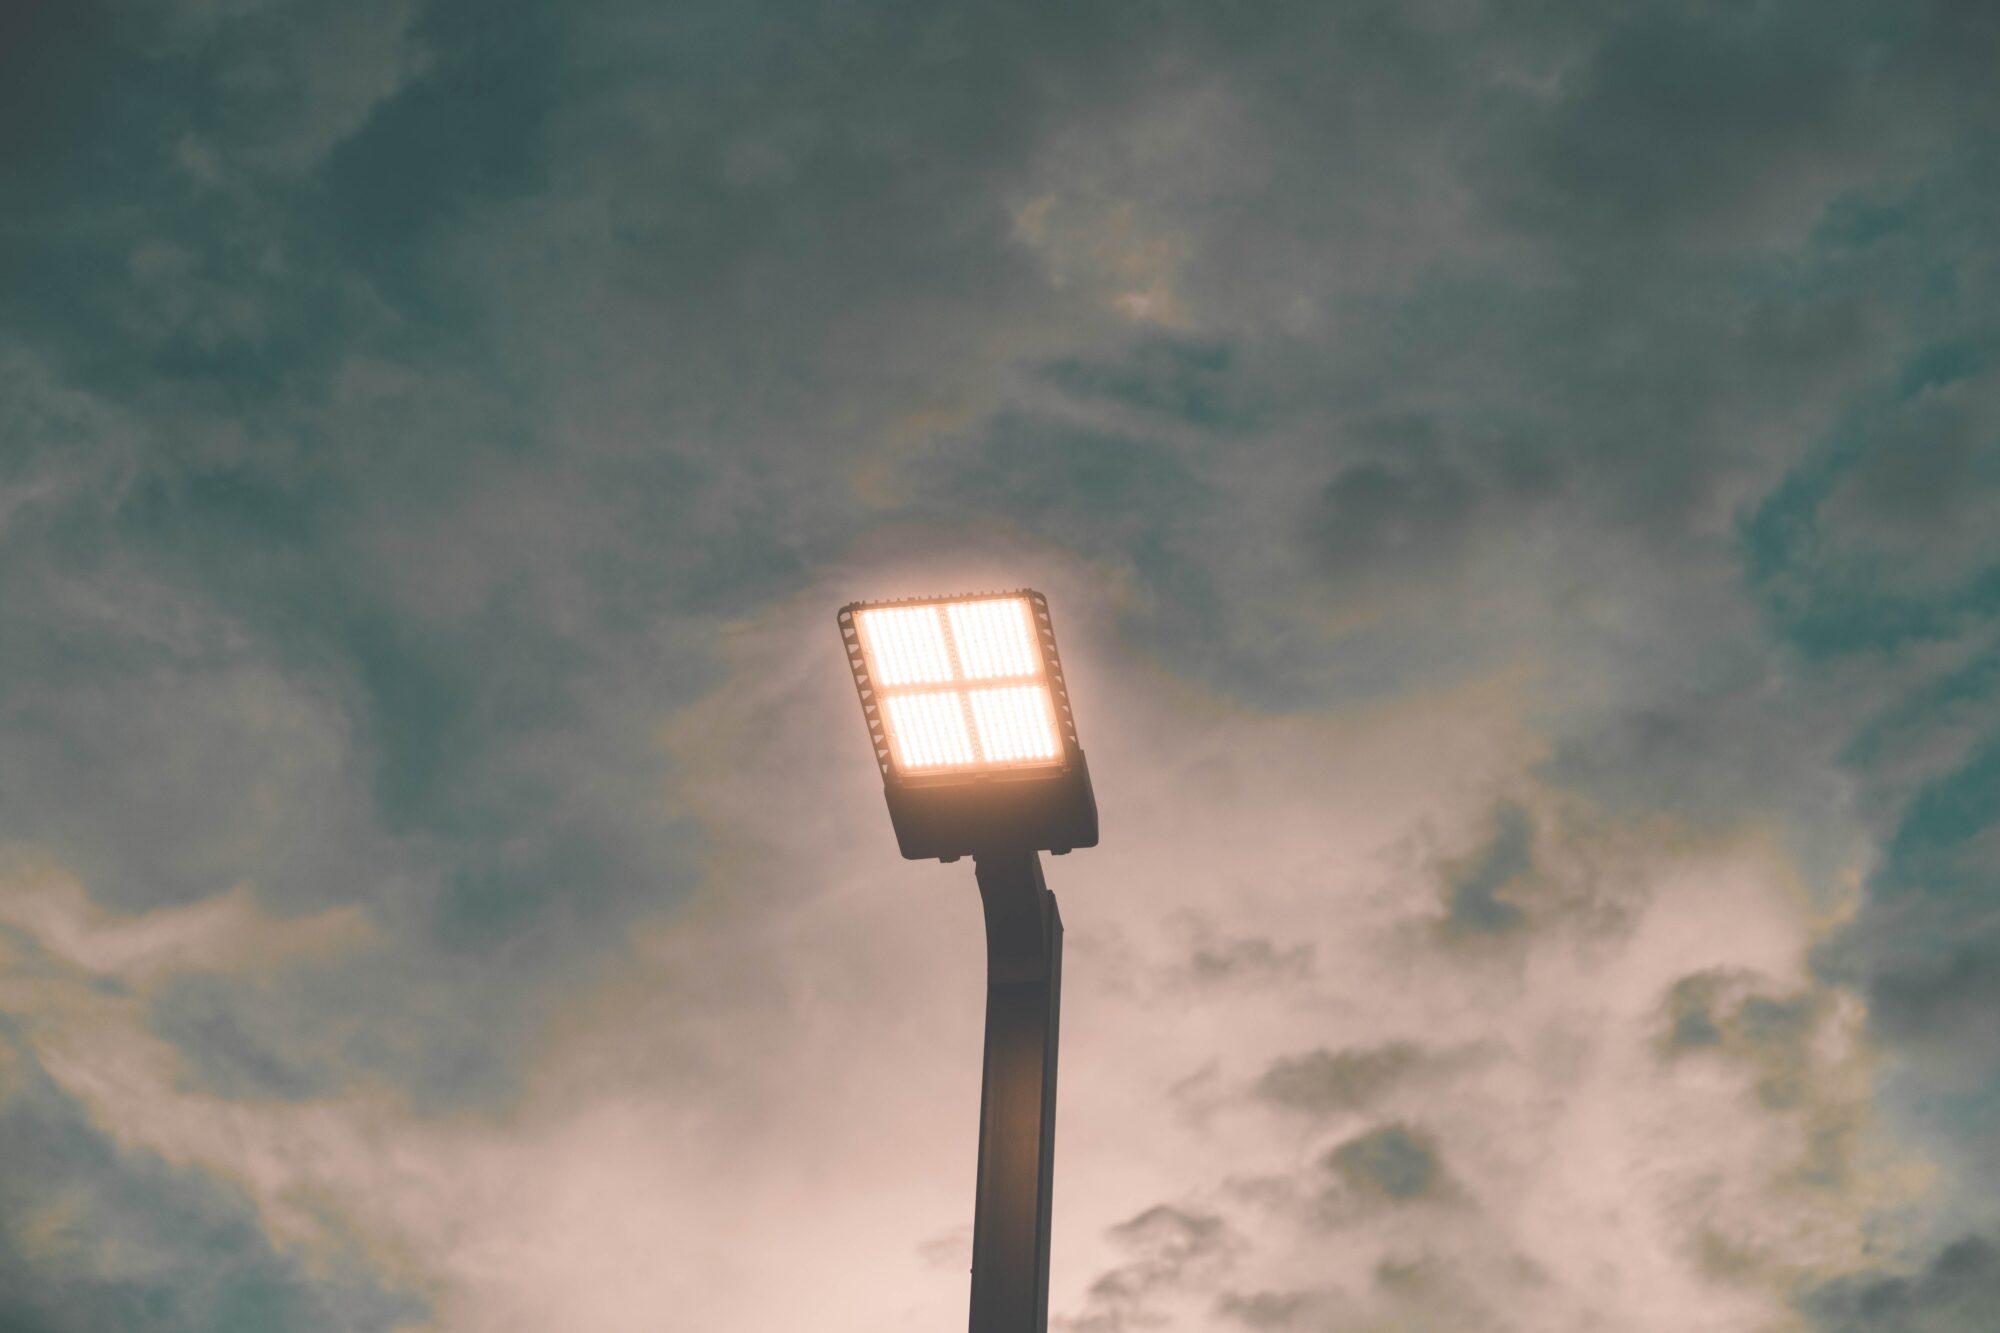 Overvind mørket med en udendørslampe med sensor